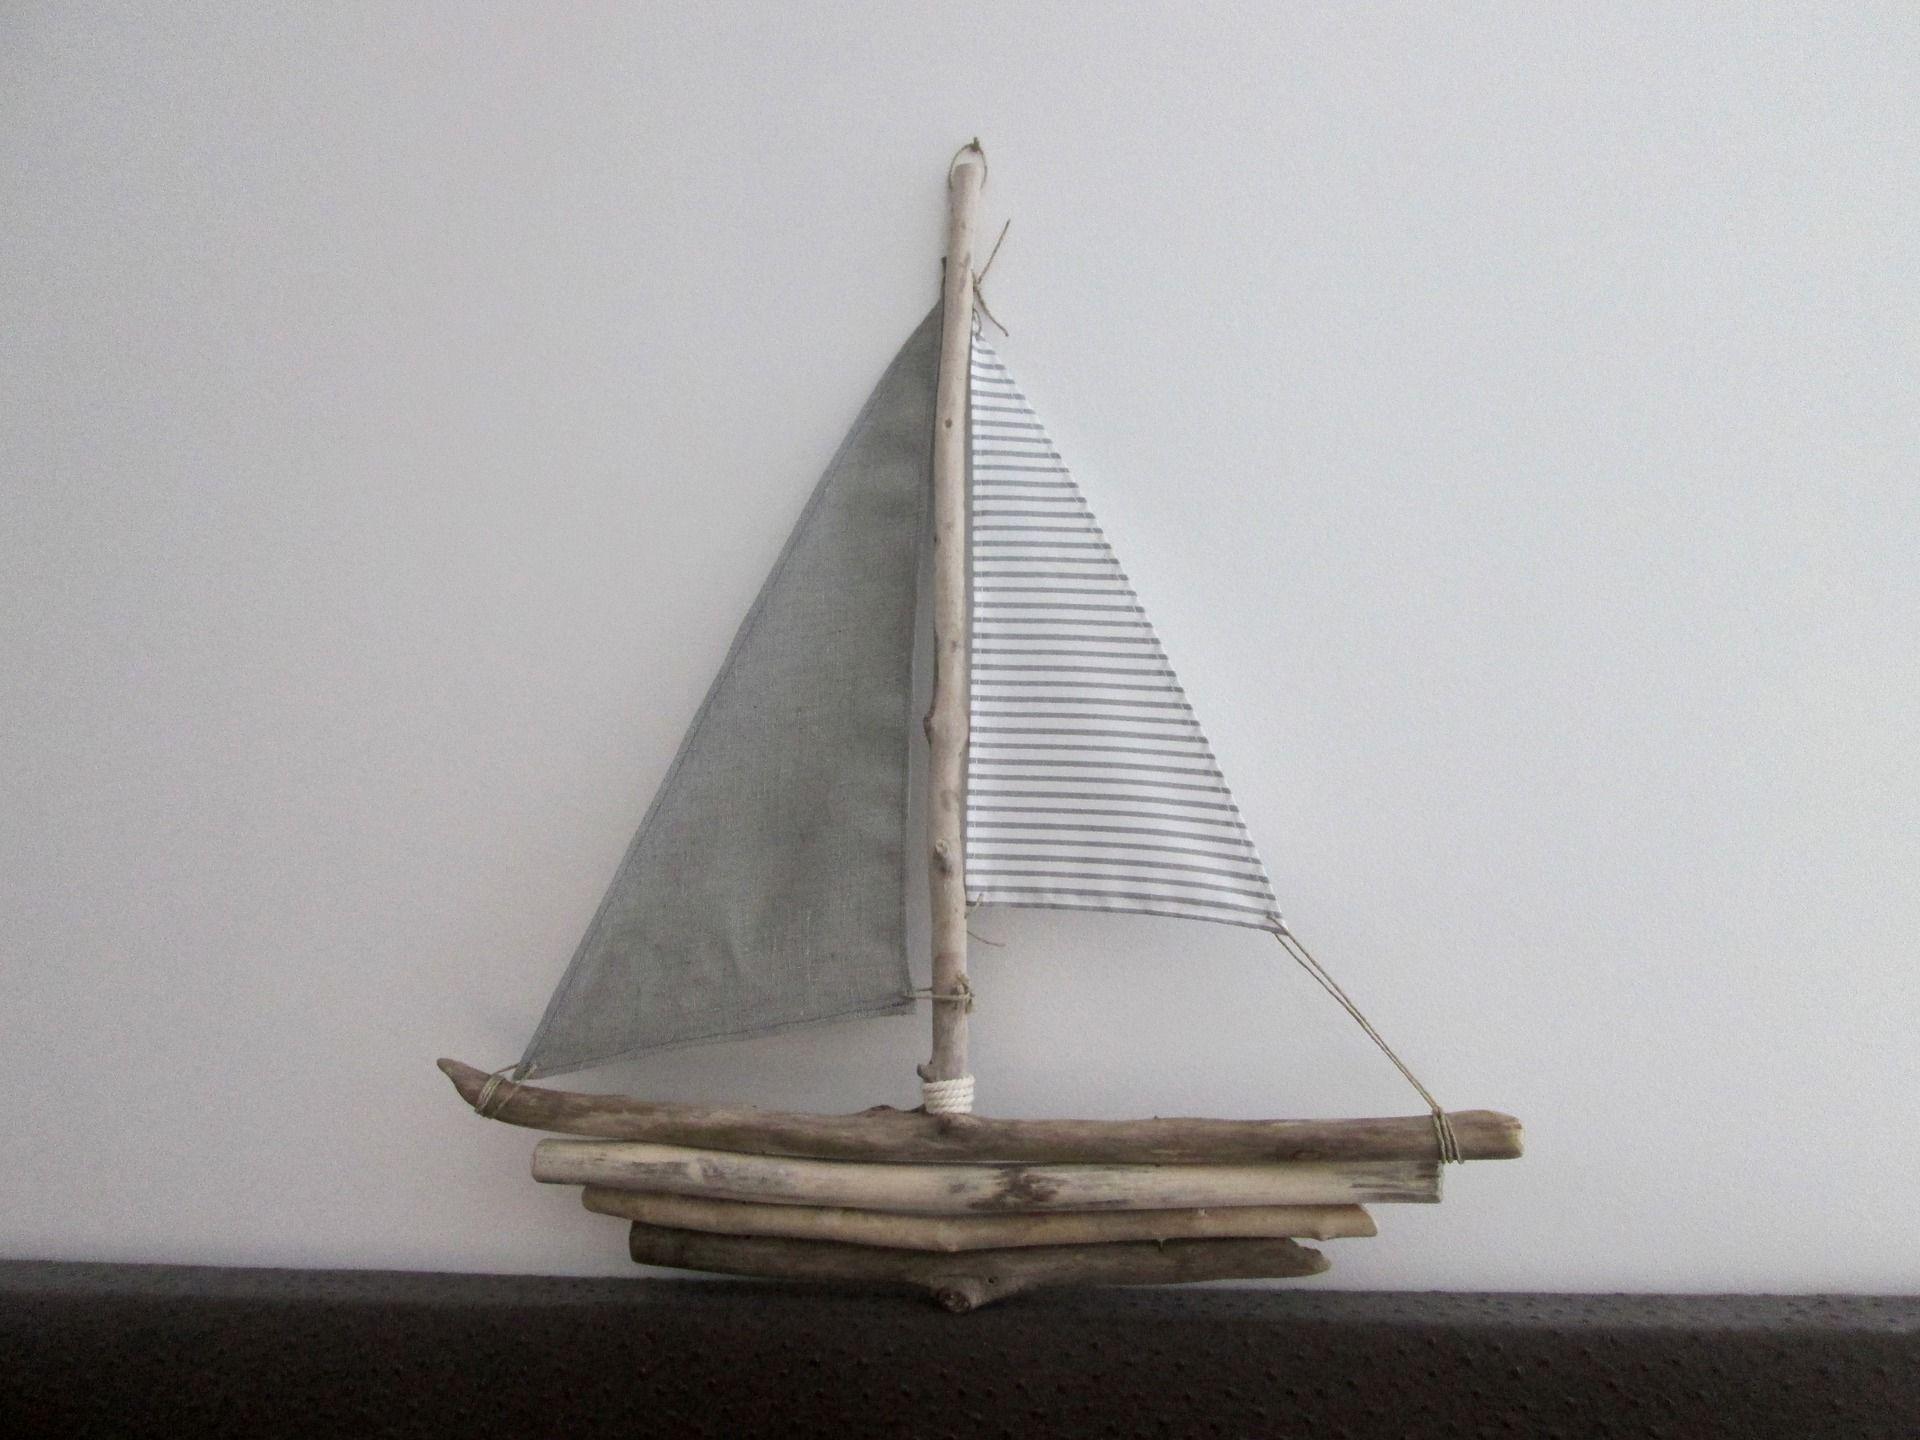 bateau bois flott avec voiles dans les tons de gris et blanc d corations murales par maskott. Black Bedroom Furniture Sets. Home Design Ideas